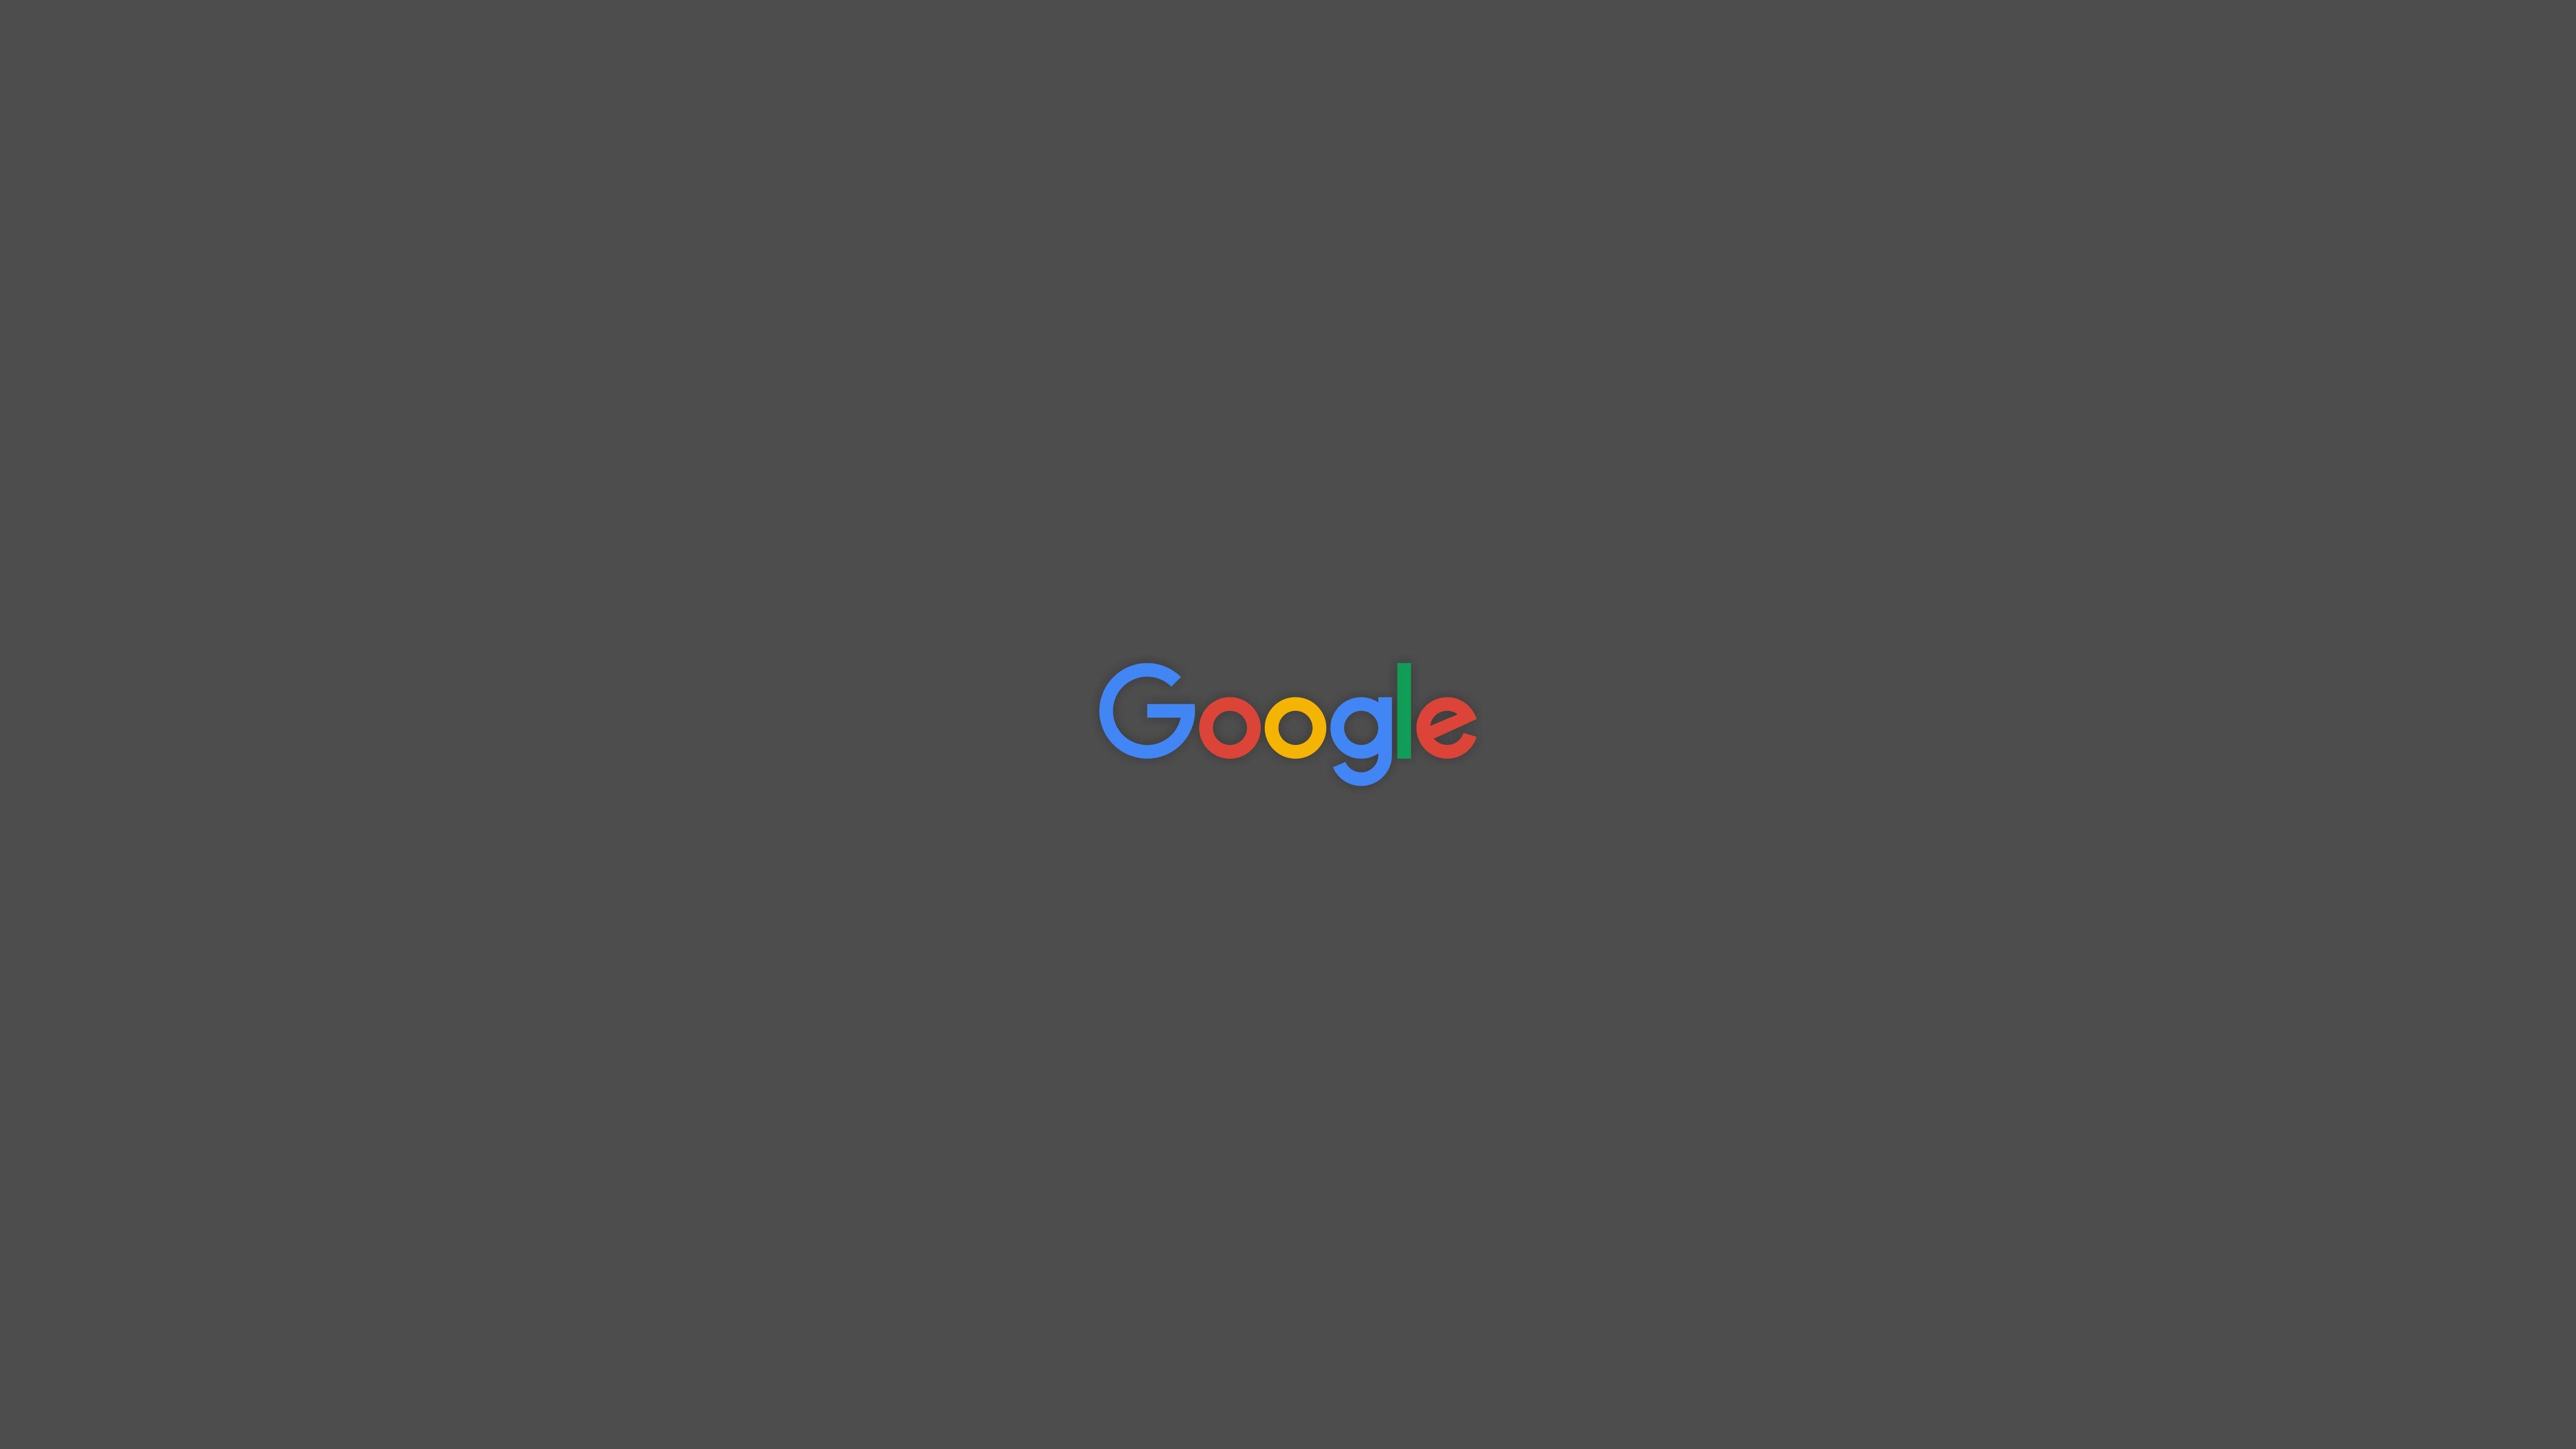 4k google wallpapers top